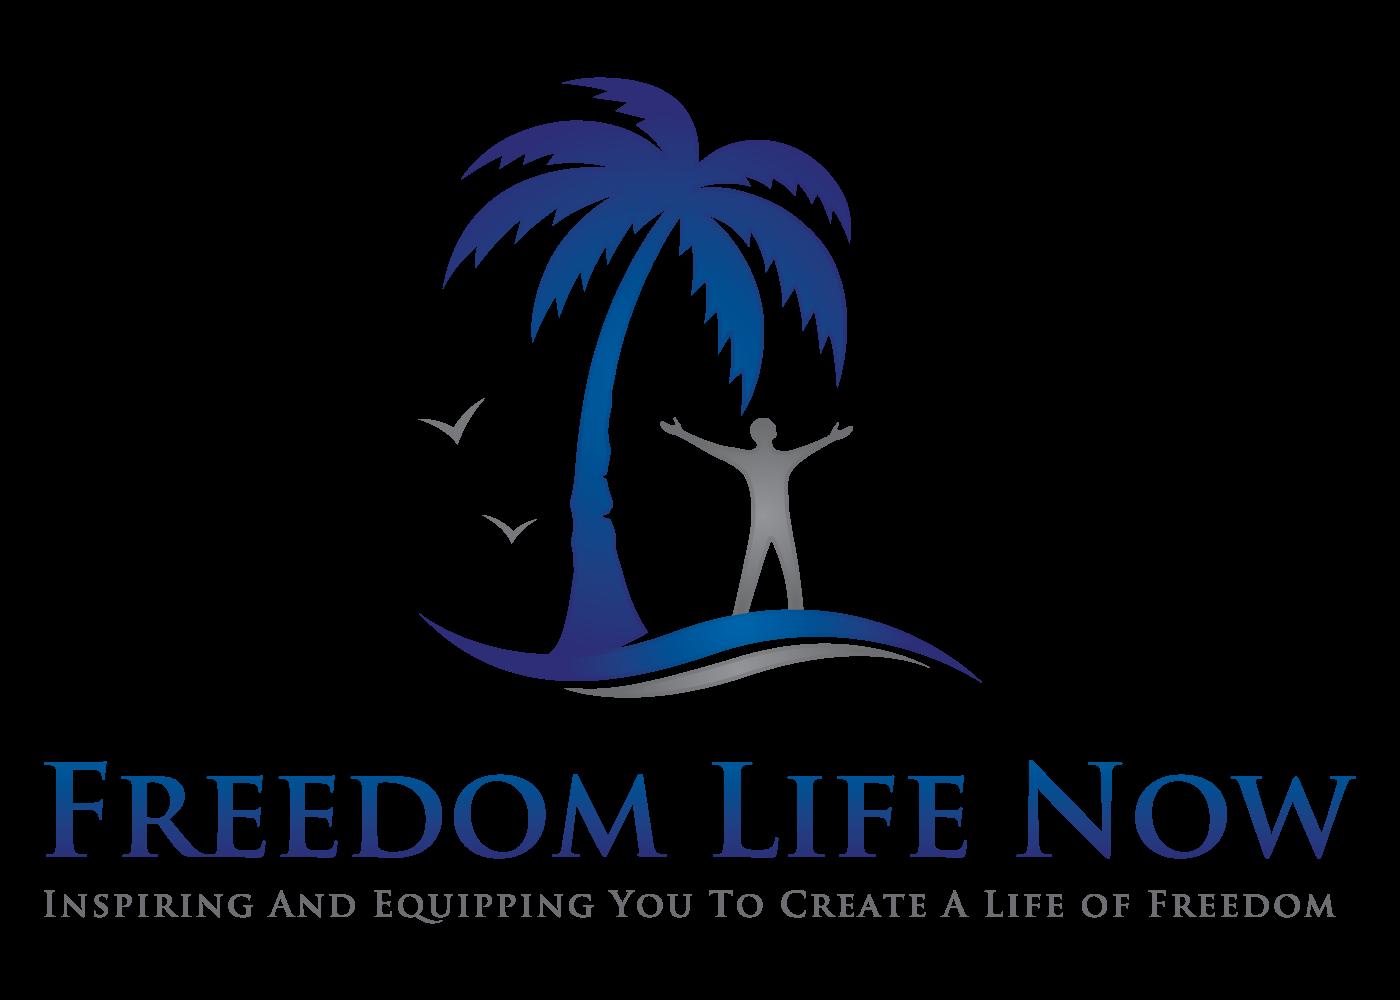 Freedom Life Now